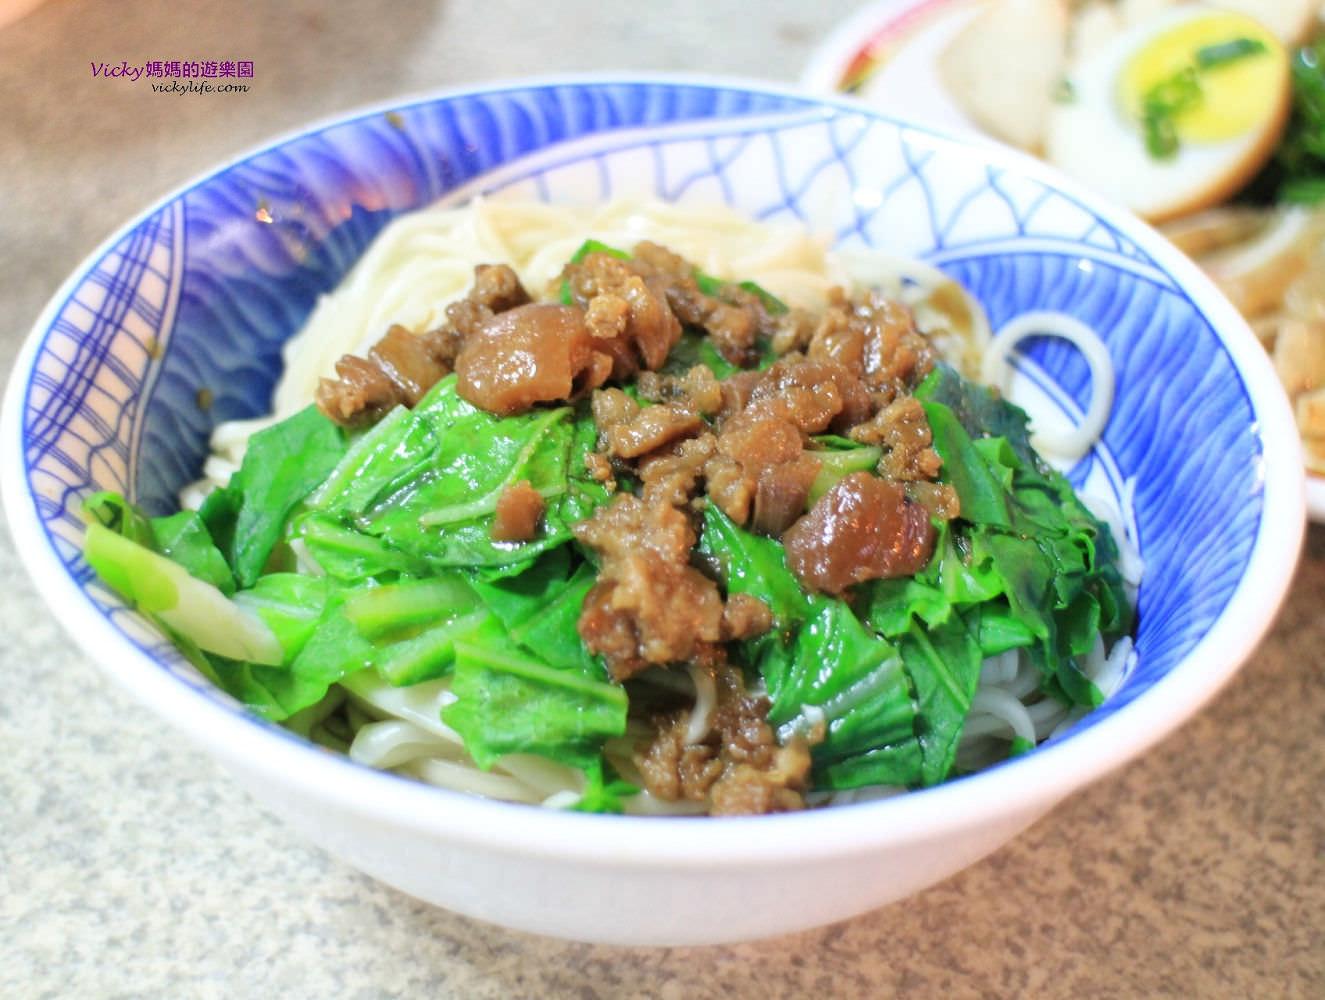 台南好吃麵店︱北門路無名麵店,又稱阿婆麵店:越晚越多人,主餐區客滿還有第二用餐區喔